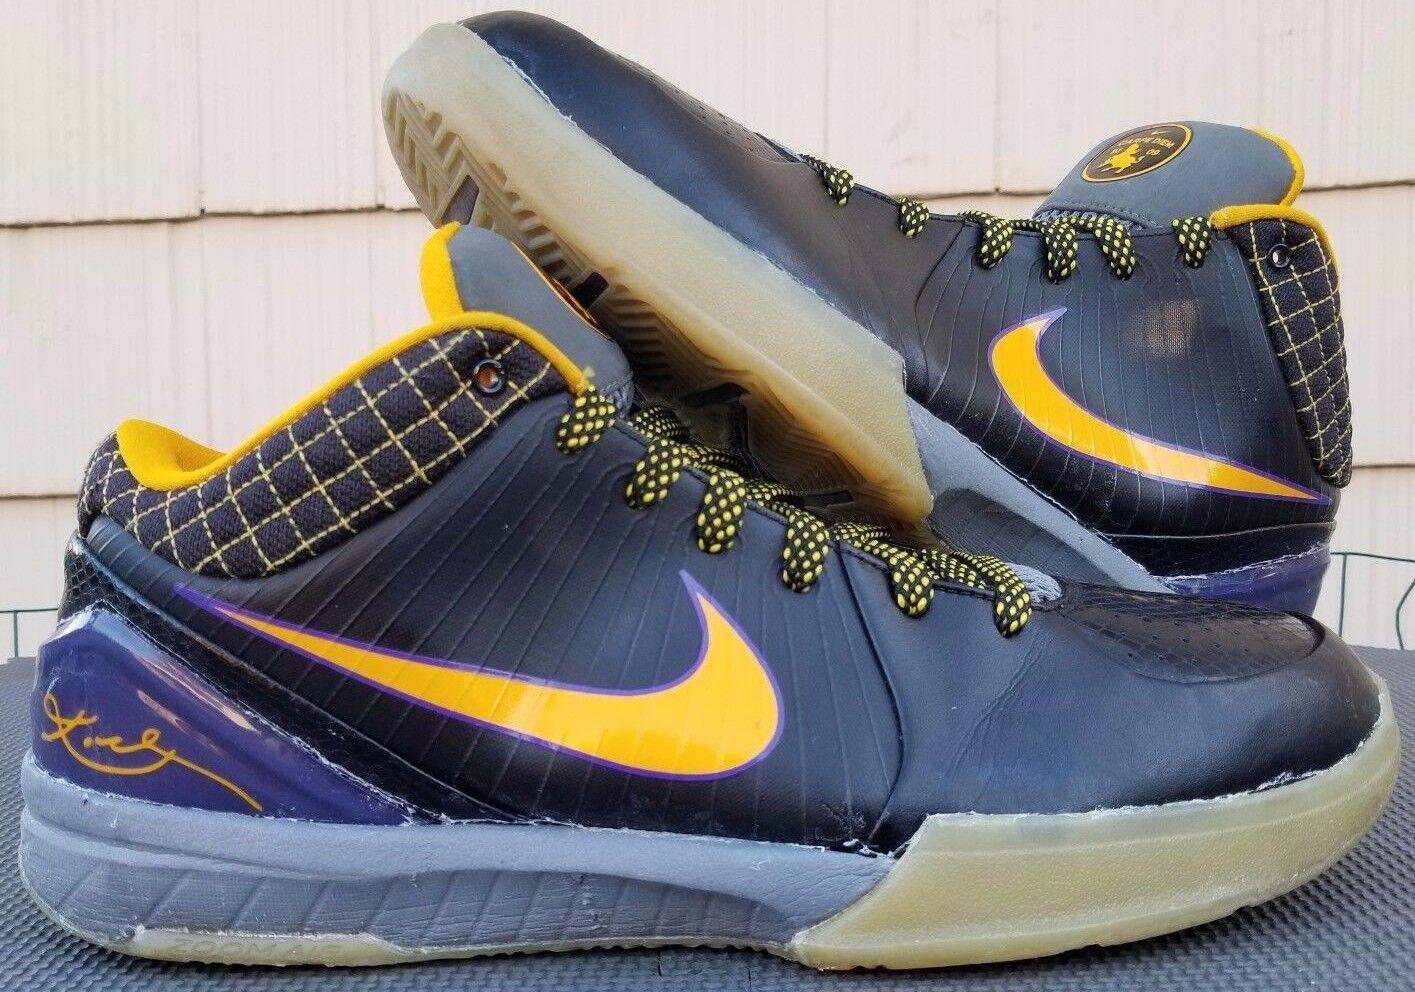 2008 Nike Zoom Kobe IV 4 Carpe Diem Hommes sol/cool sz 14 noir /del sol/cool Hommes gris 344335-001 2eba86